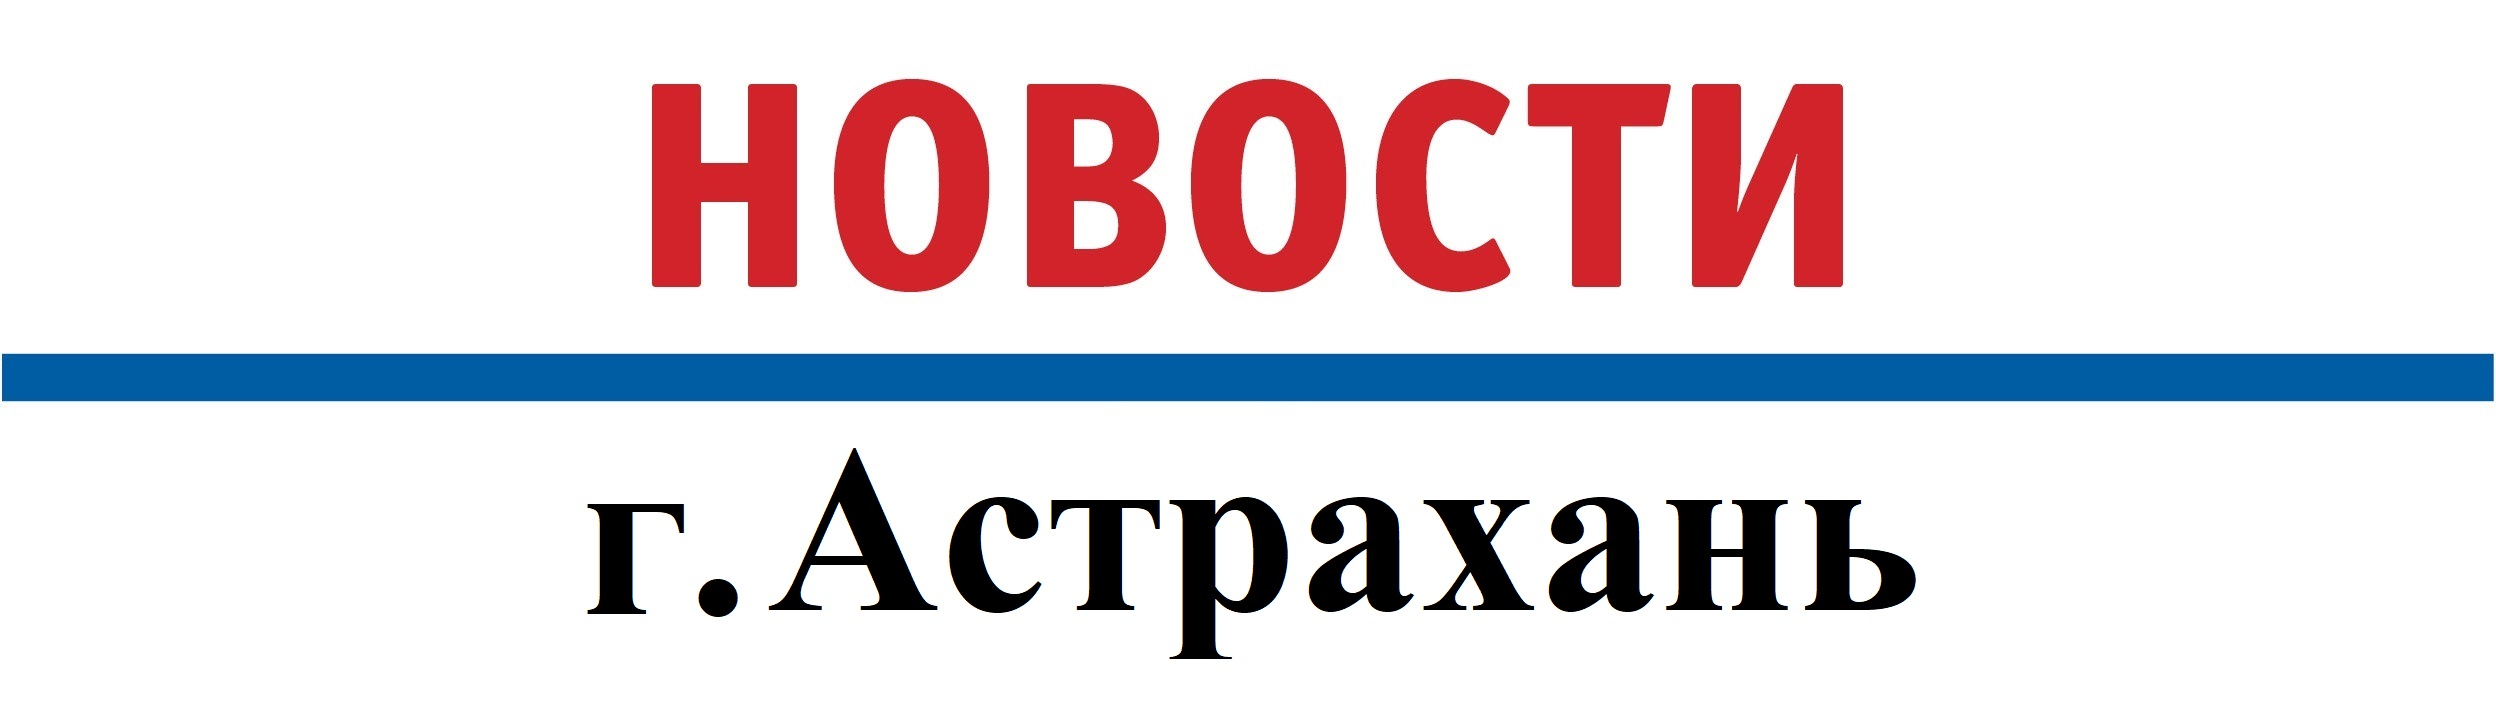 Подать частное объявление в астрахани продажа готового бизнеса в подмосковье на авито